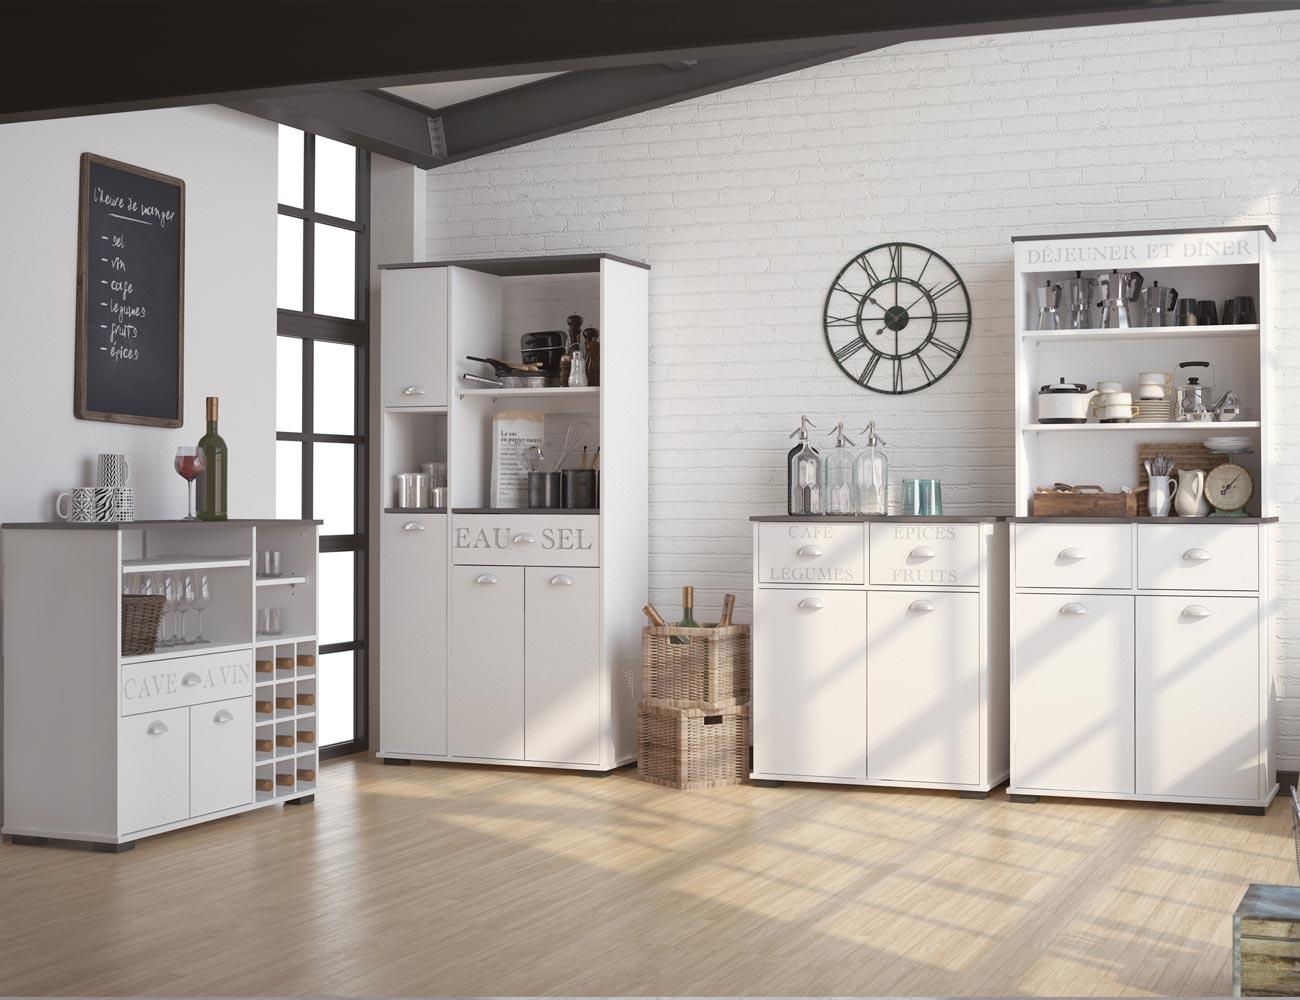 Mueble buffet de cocina de 180 cm de alto 3416 factory for Buffet cocina mueble